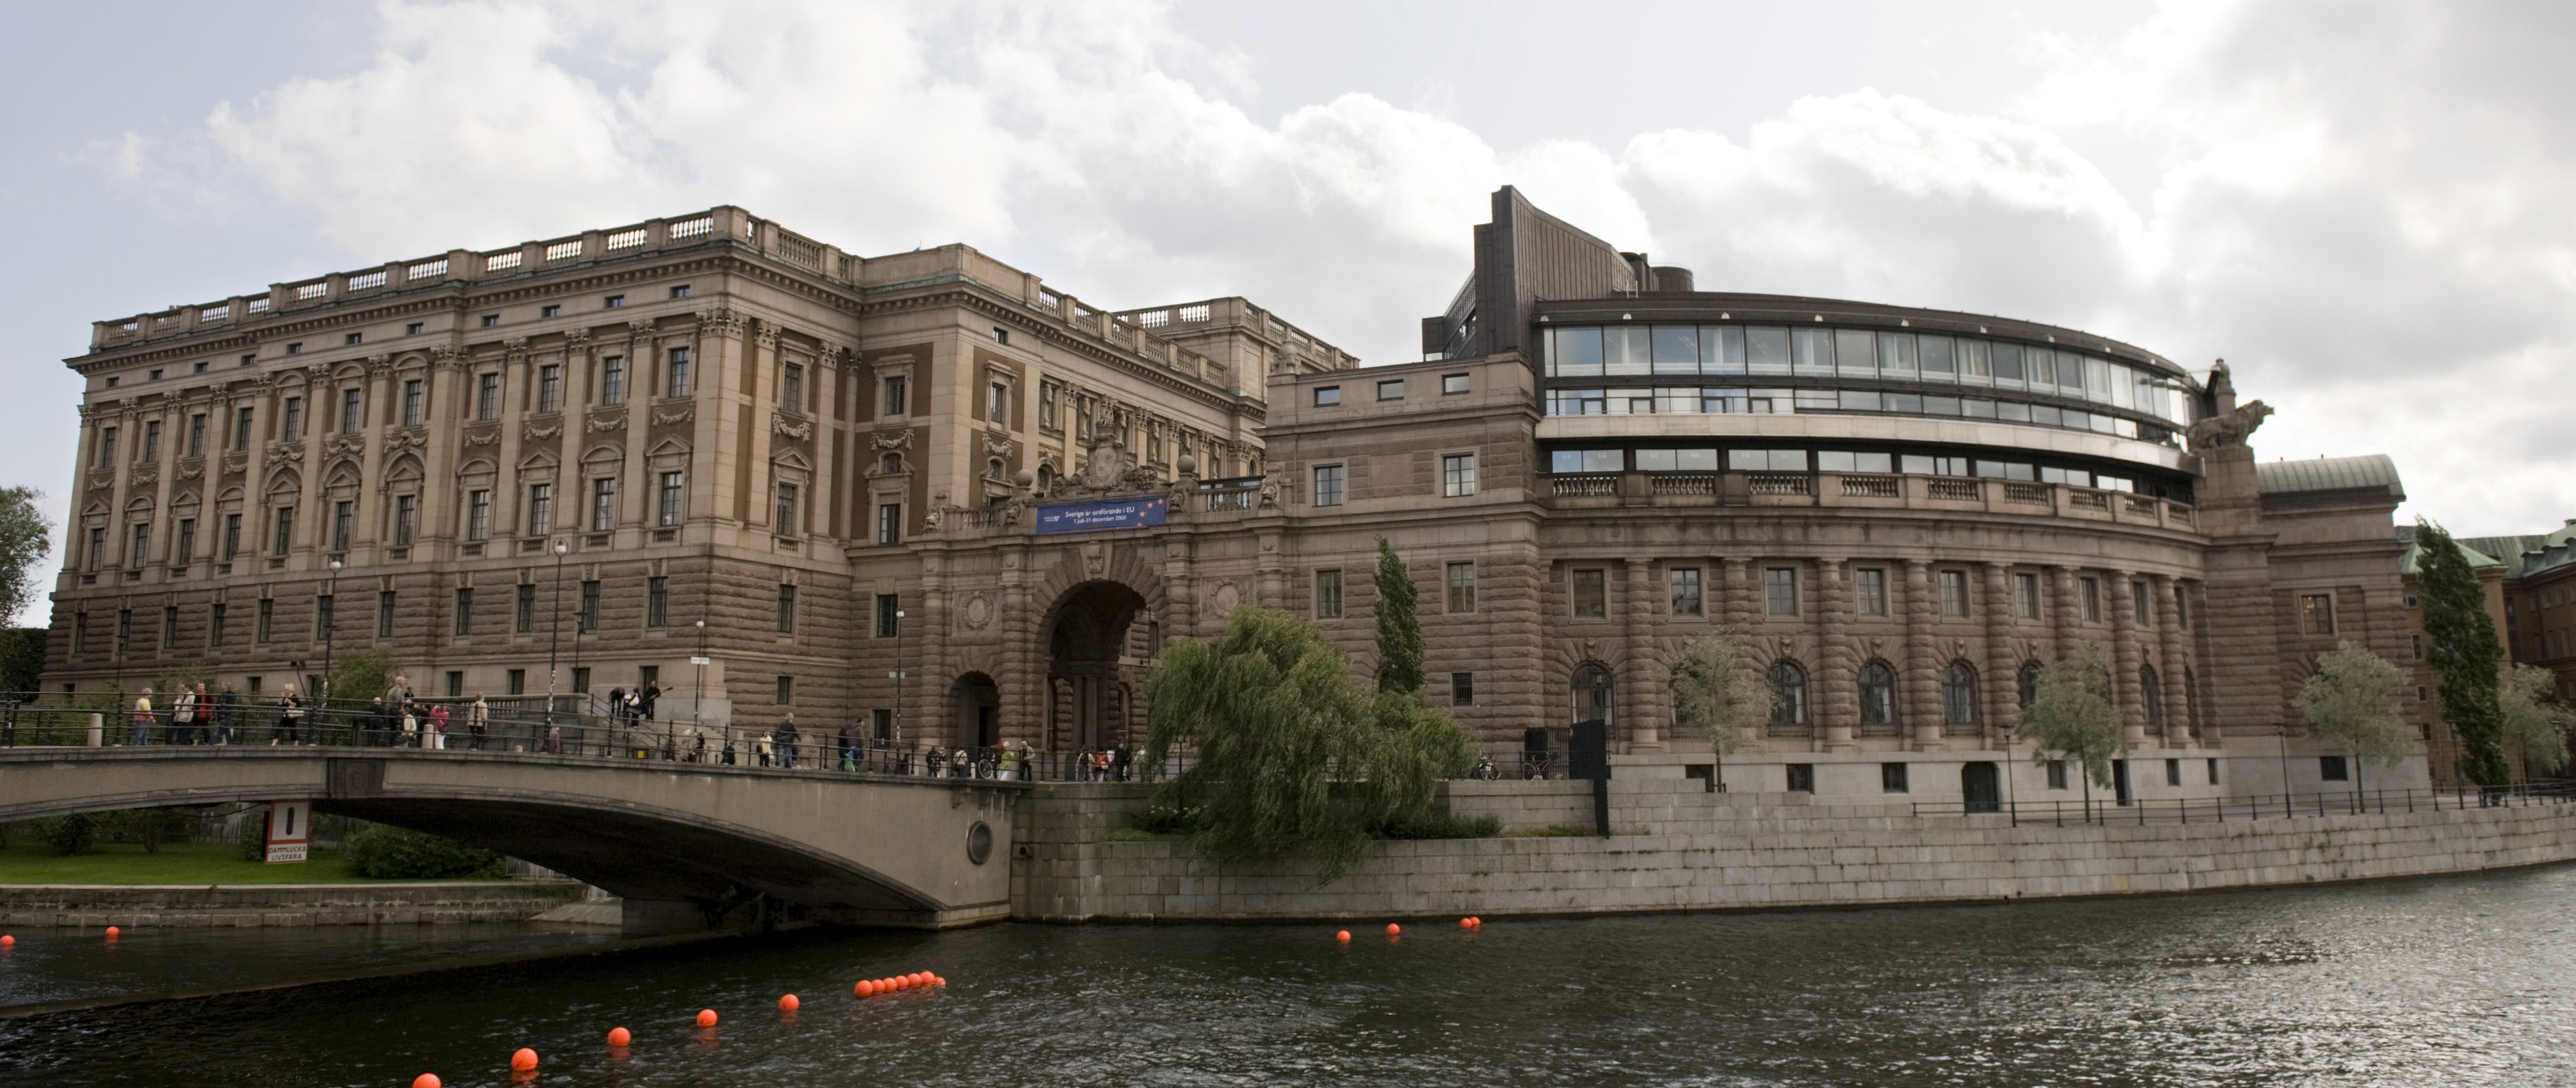 Ssu skola godkand av stockholm stad